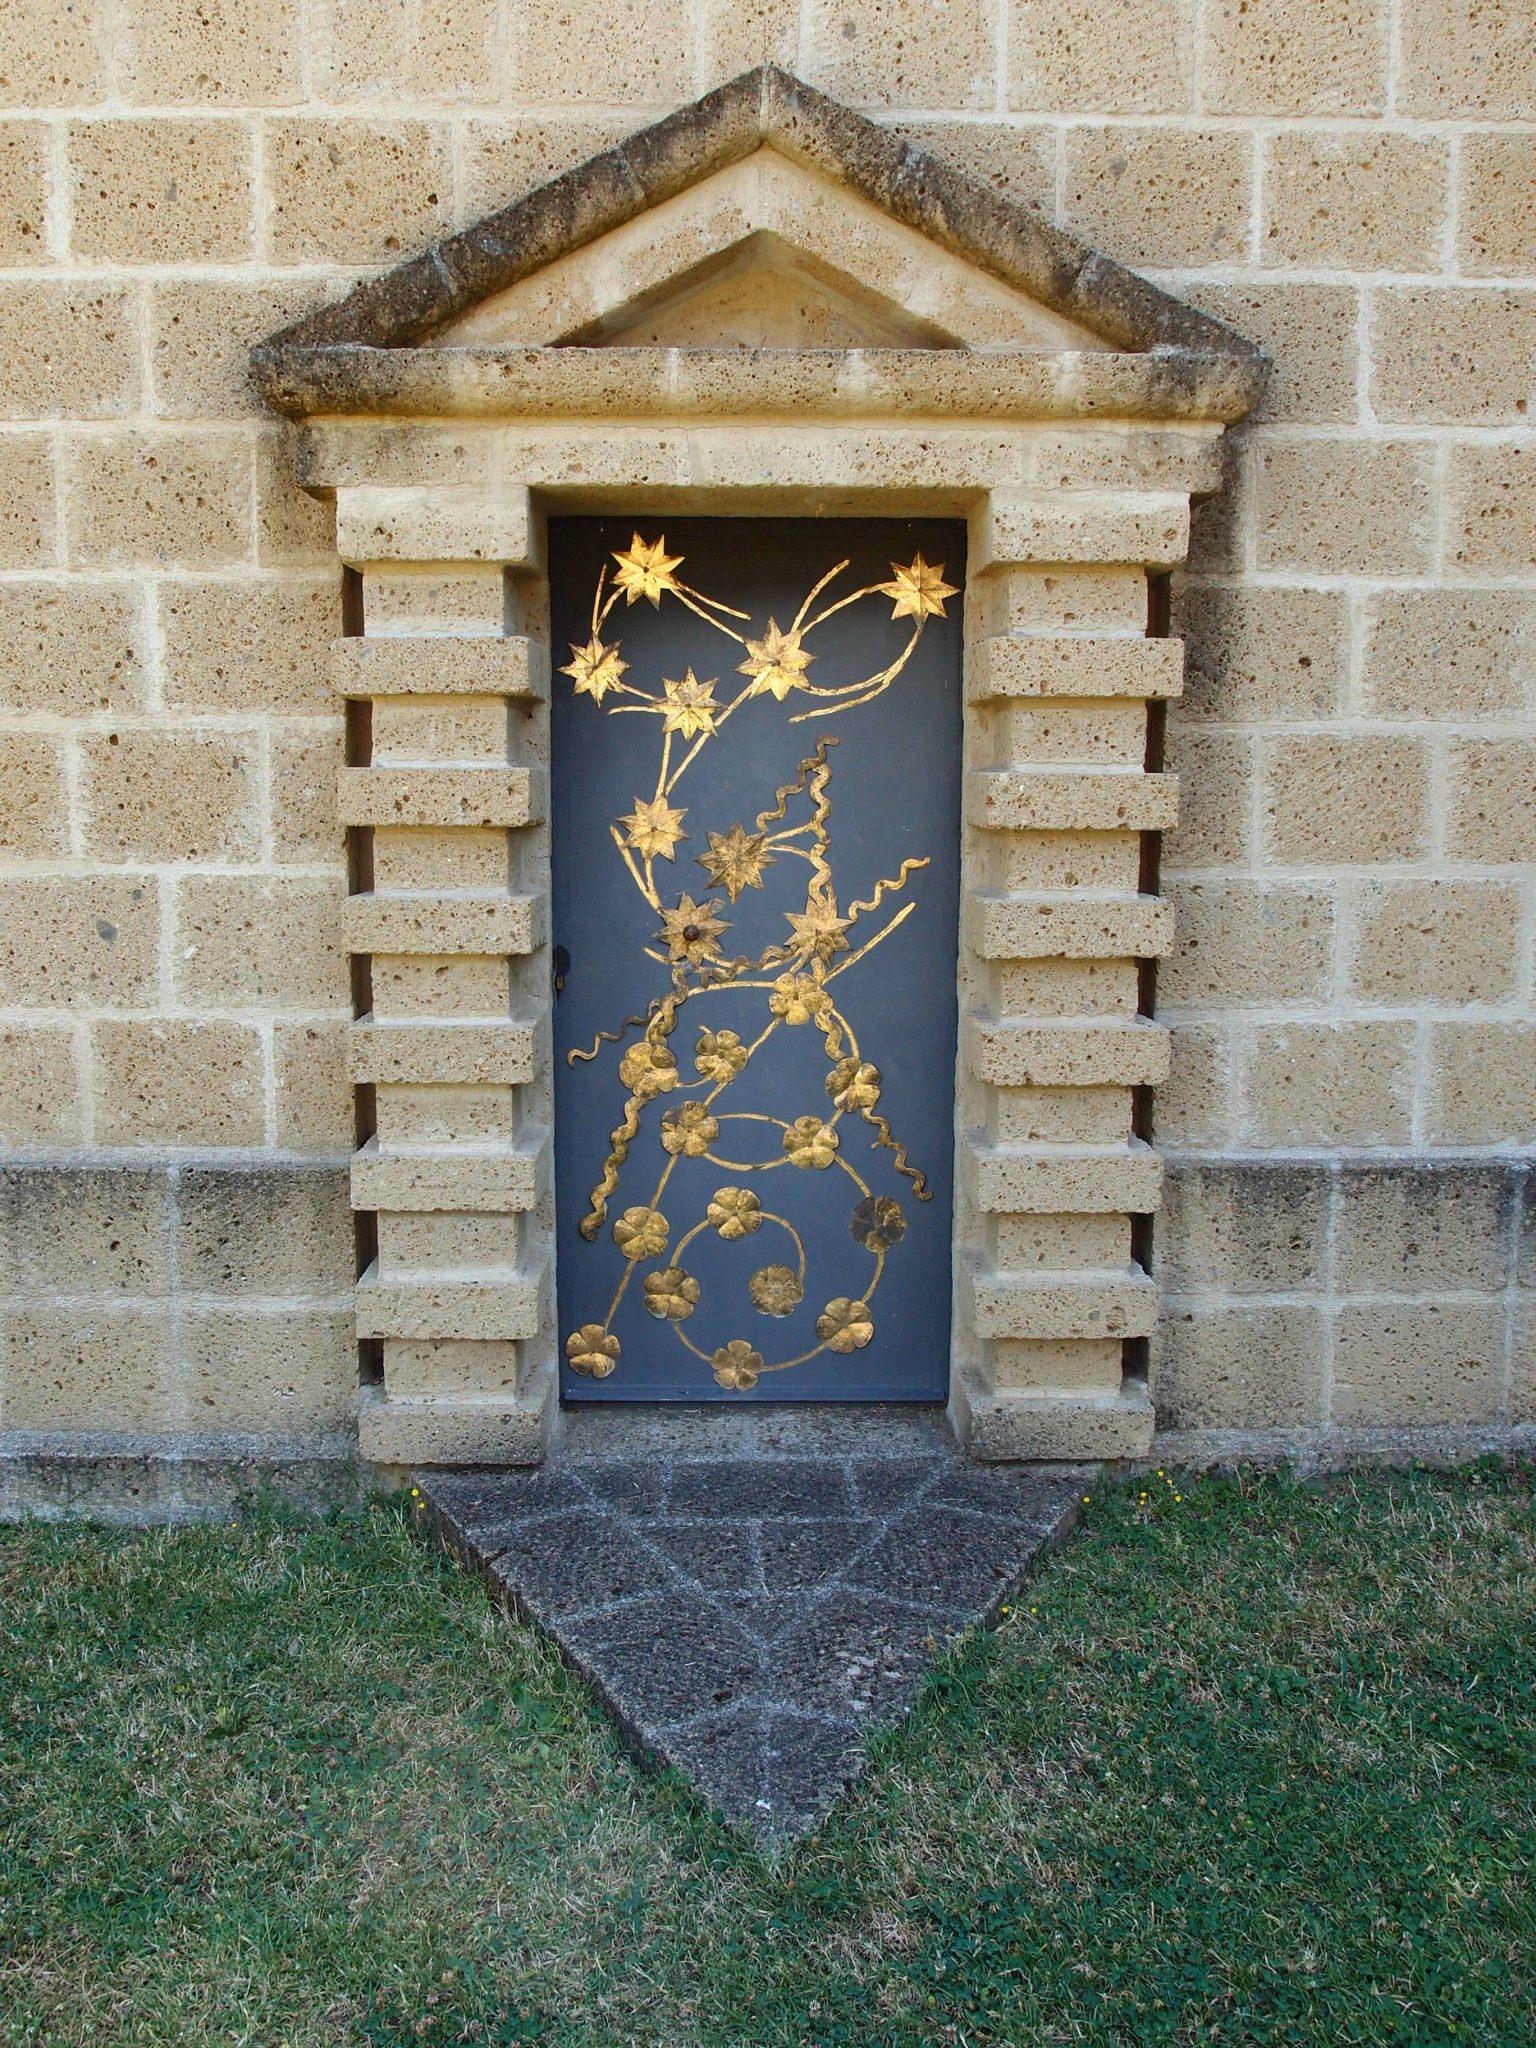 Detail of Tower Door